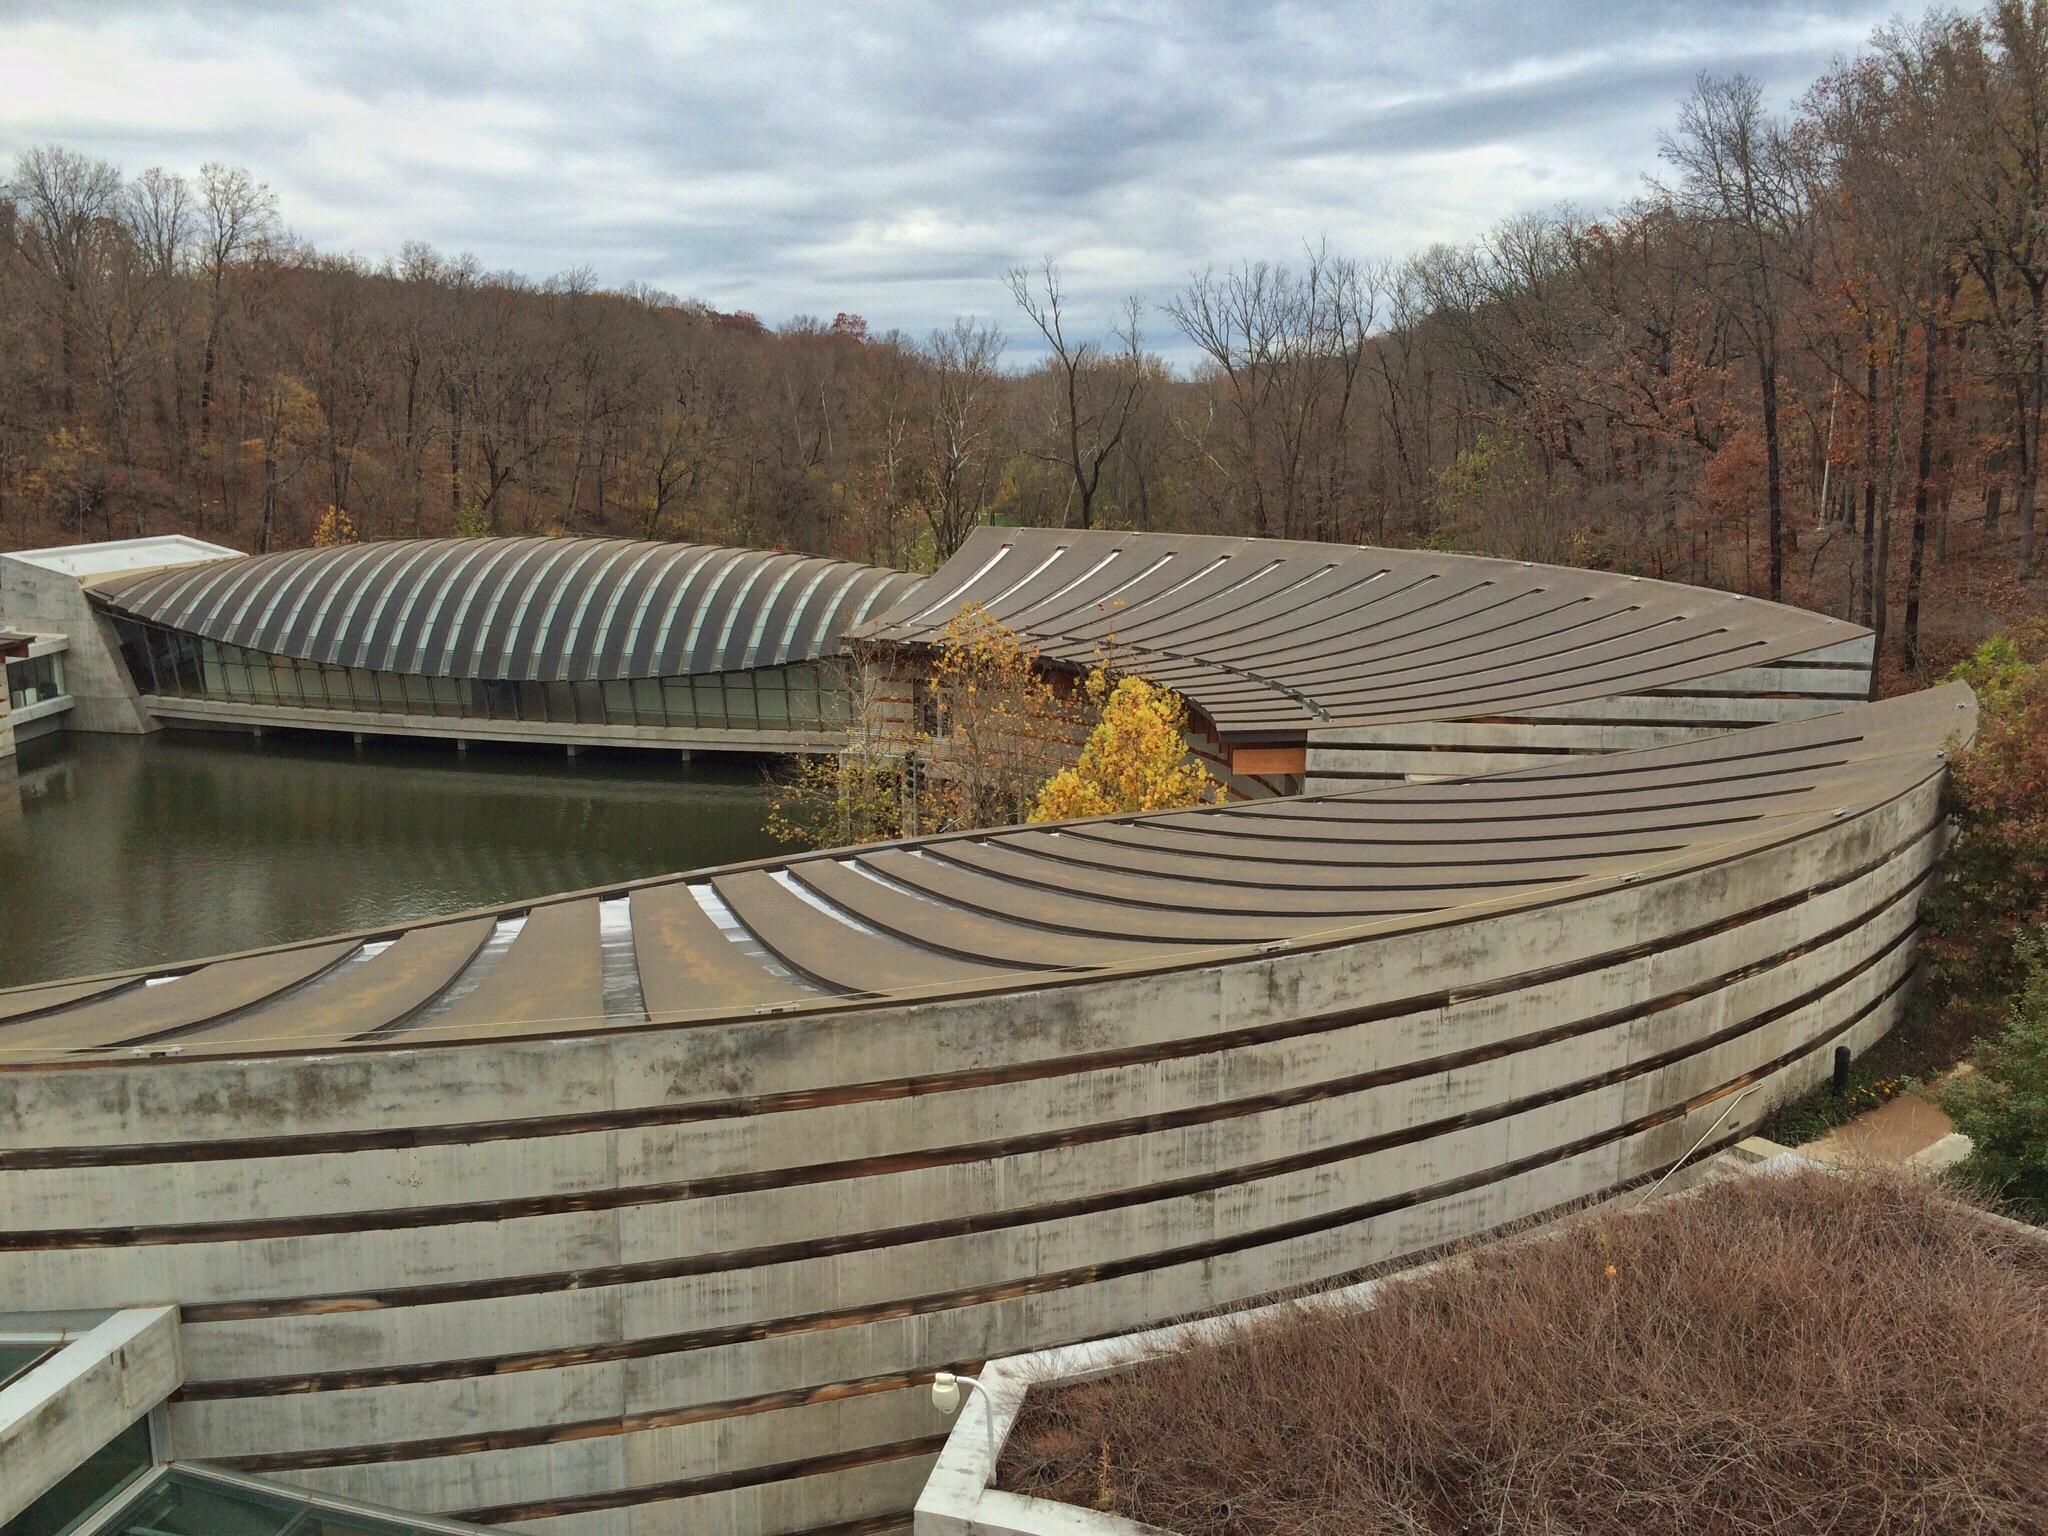 The Moshe Safdie designed Crystal Bridges Museum of American Art.